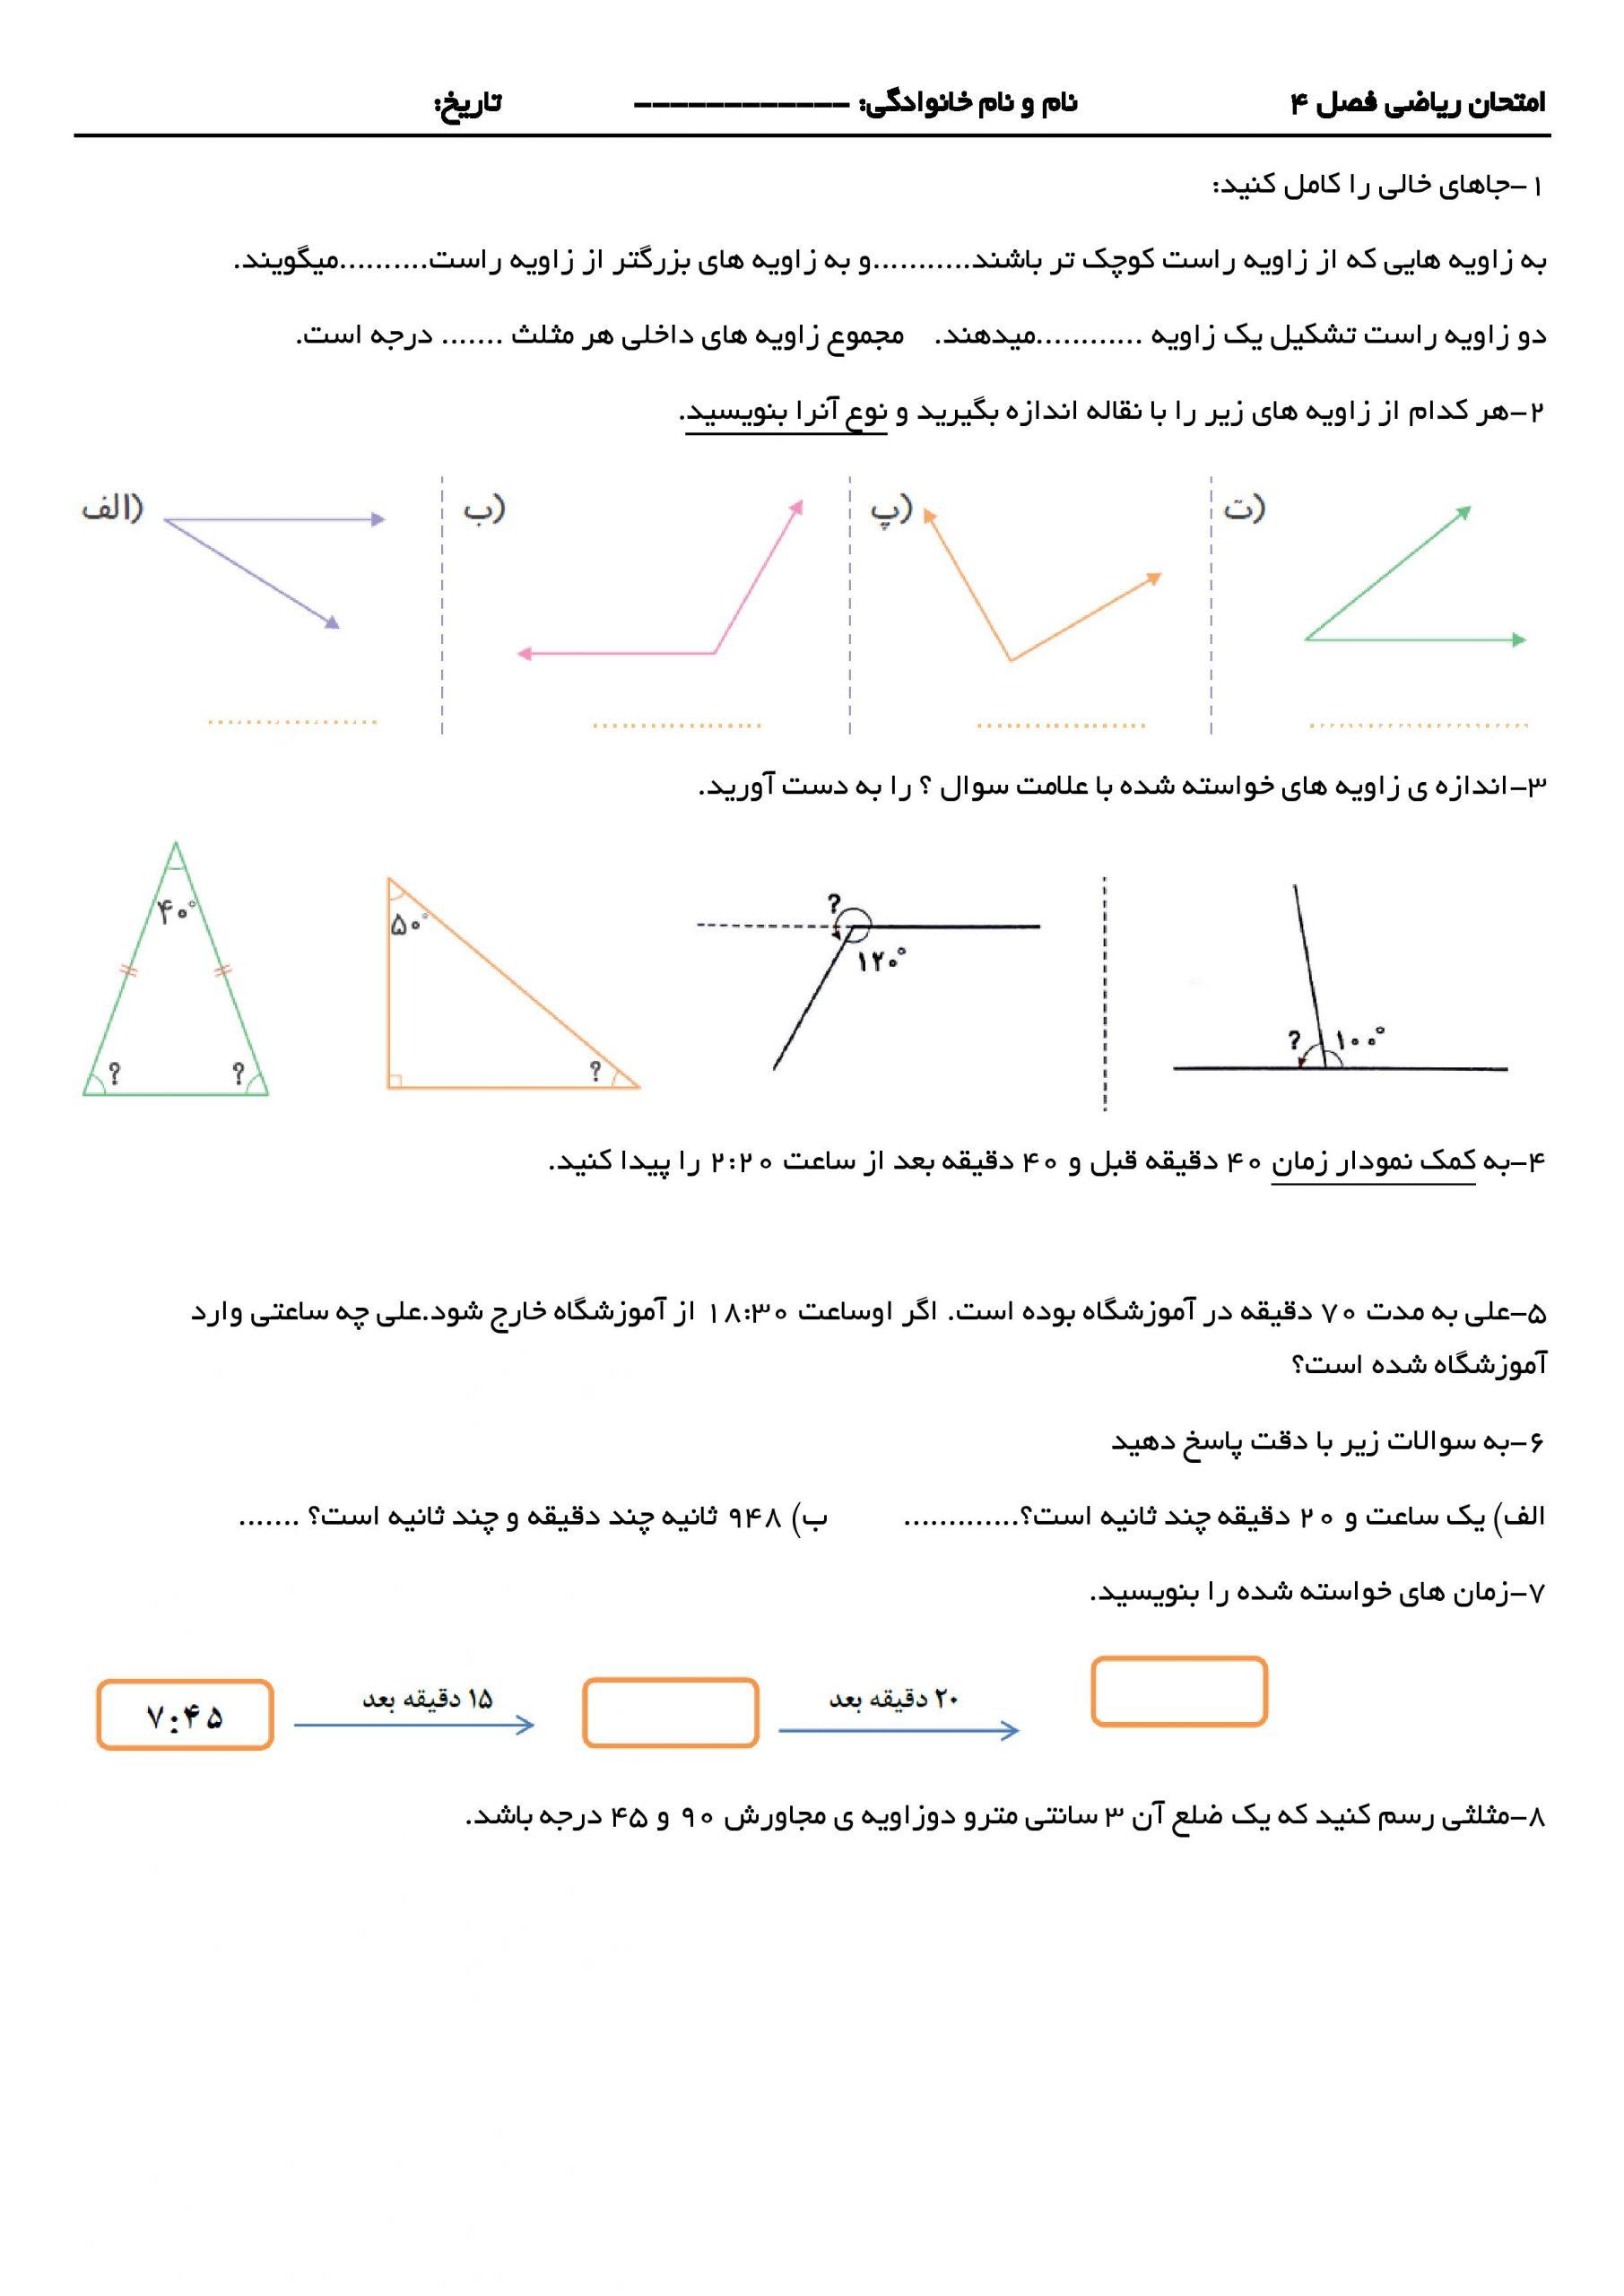 نمونه سوالات ریاضی فصل چهارم اندازه گیری با جواب